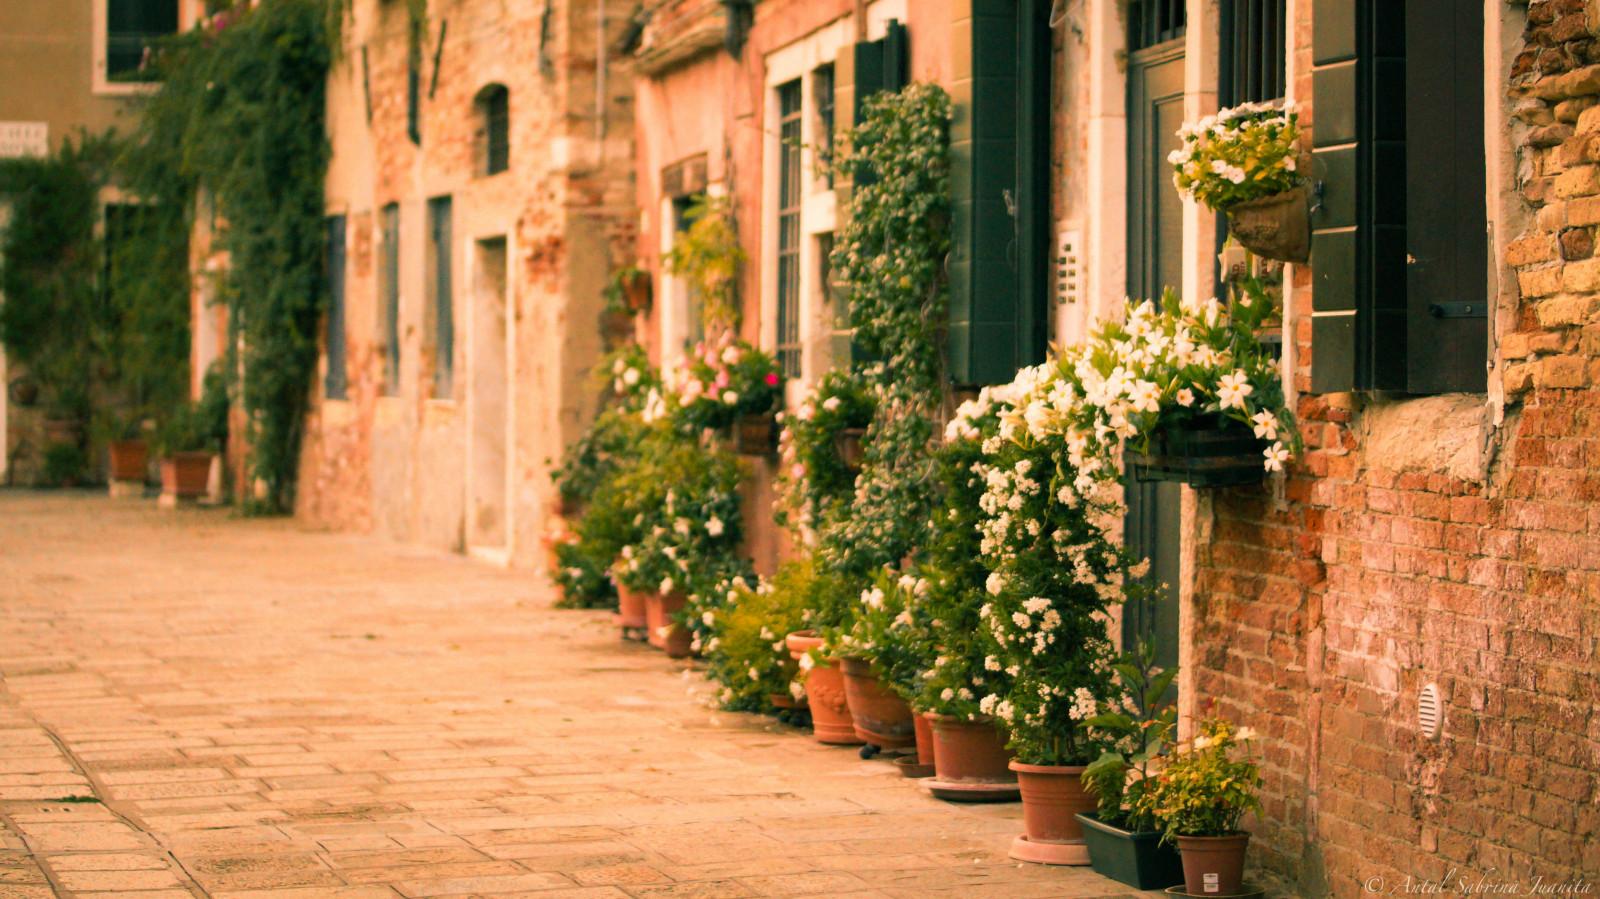 Fondos de pantalla flores jard n italia plantas for Jardines venecia